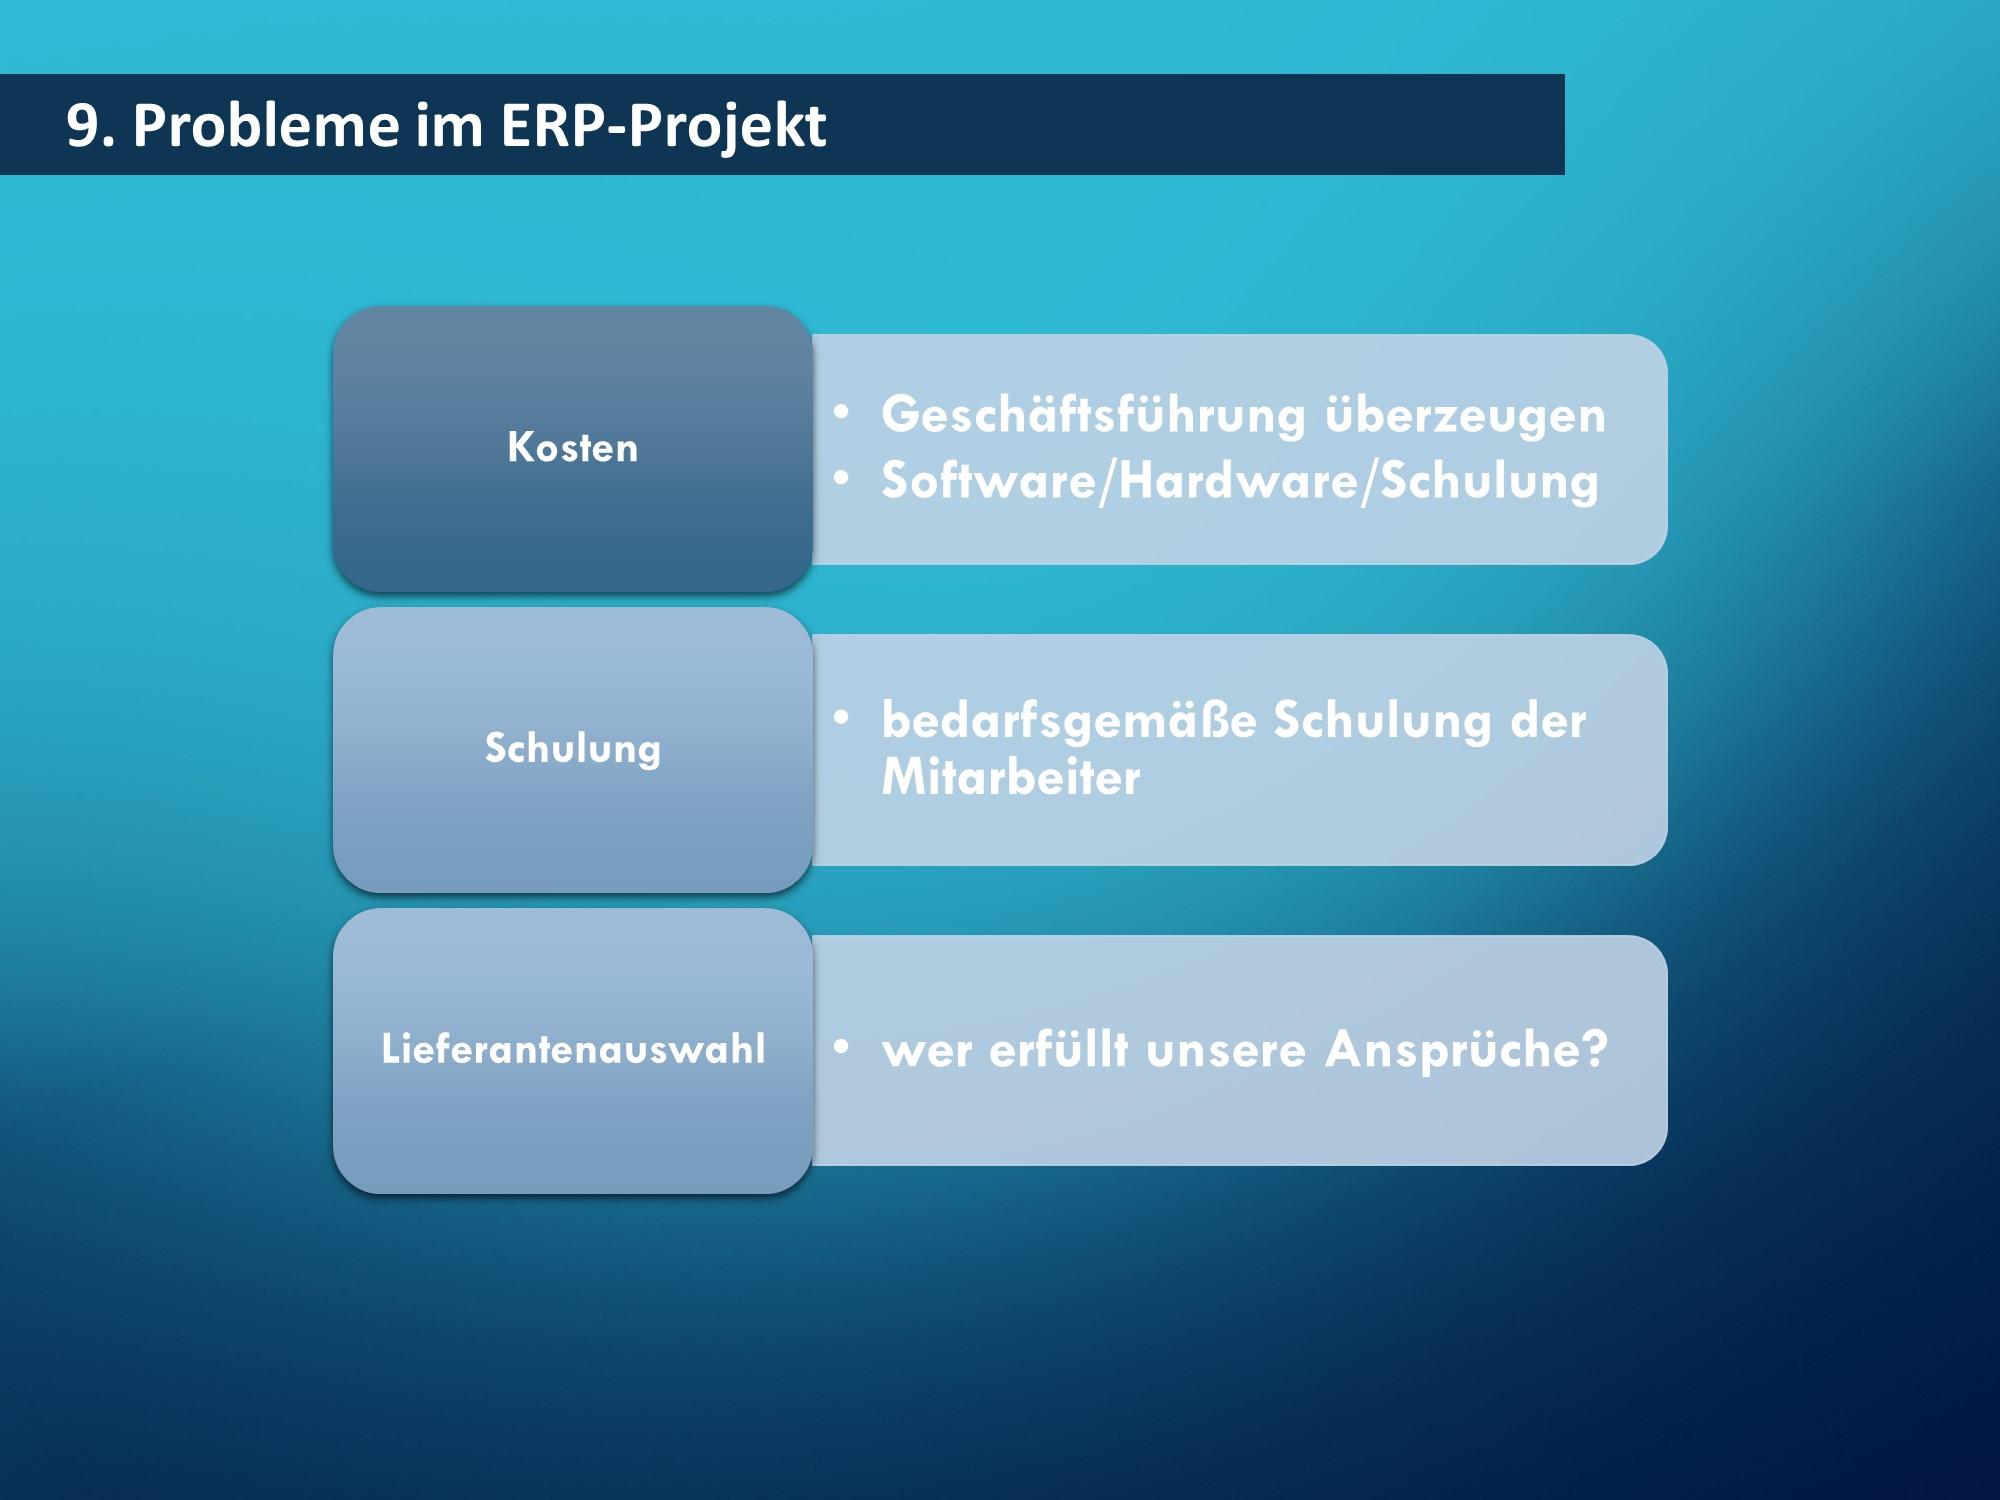 Probleme ERP - Beispielfolien Handelsfachwirt mündliche Prüfung